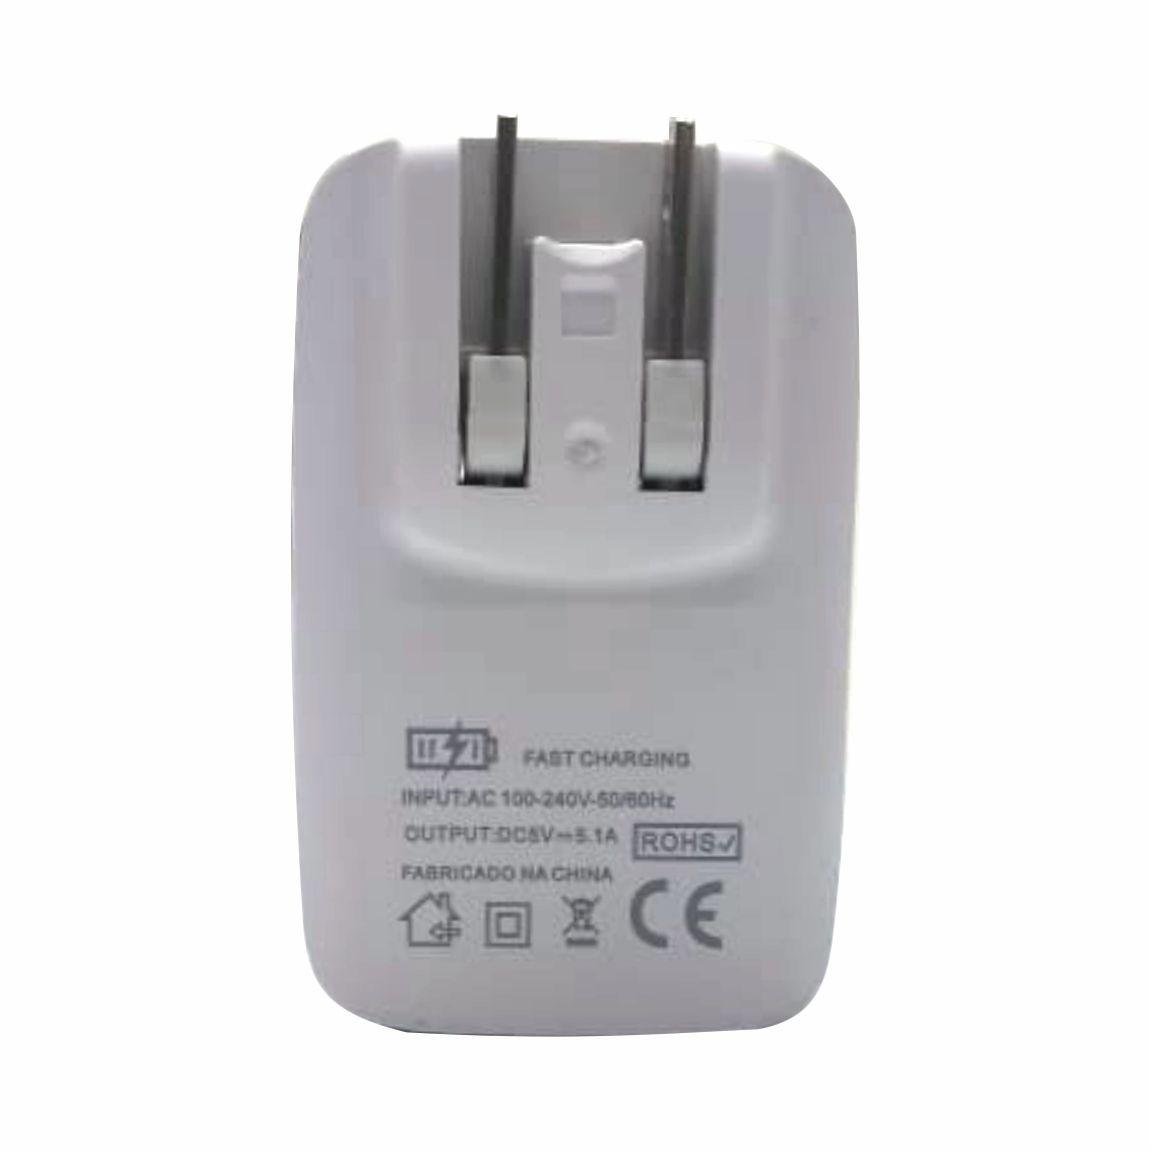 Kit 4 Carregador Rápido Inova 5.1A 3 Entradas USB CAR-8161 Atacado